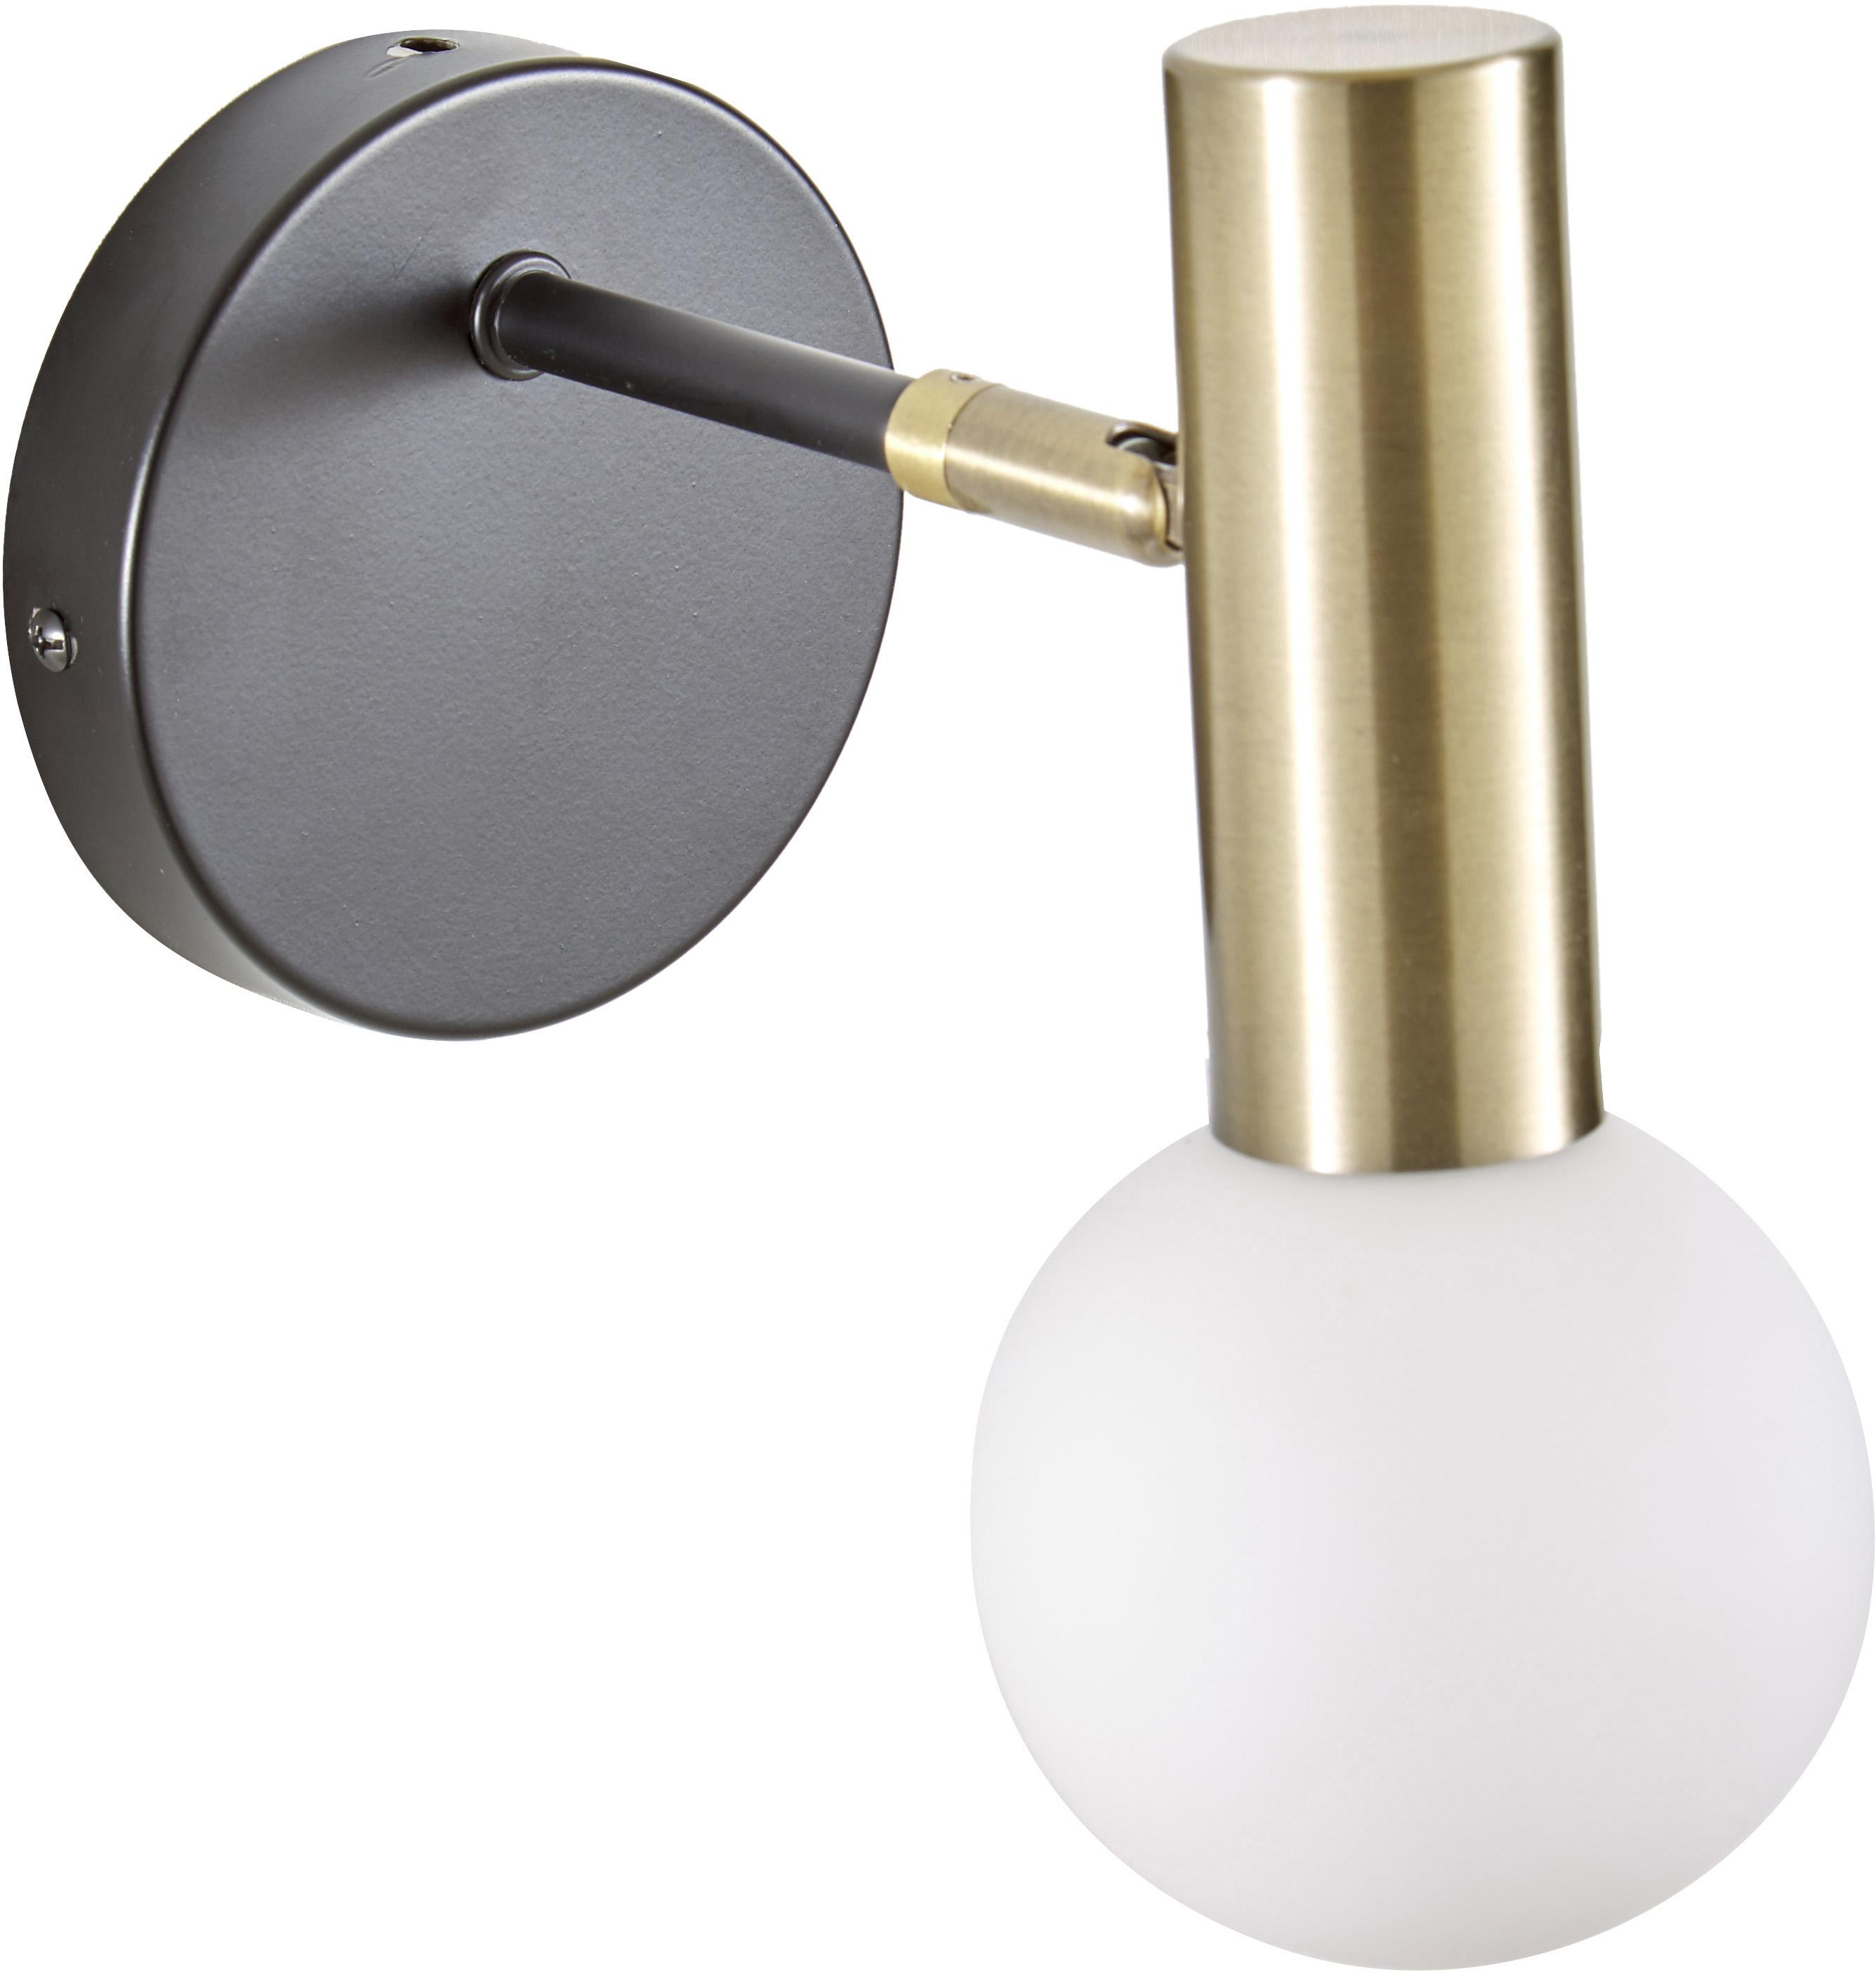 Wandleuchte Wilson, Lampenschirm: Milchglas, Schwarz, Goldfarben, B 10 x H 22 cm